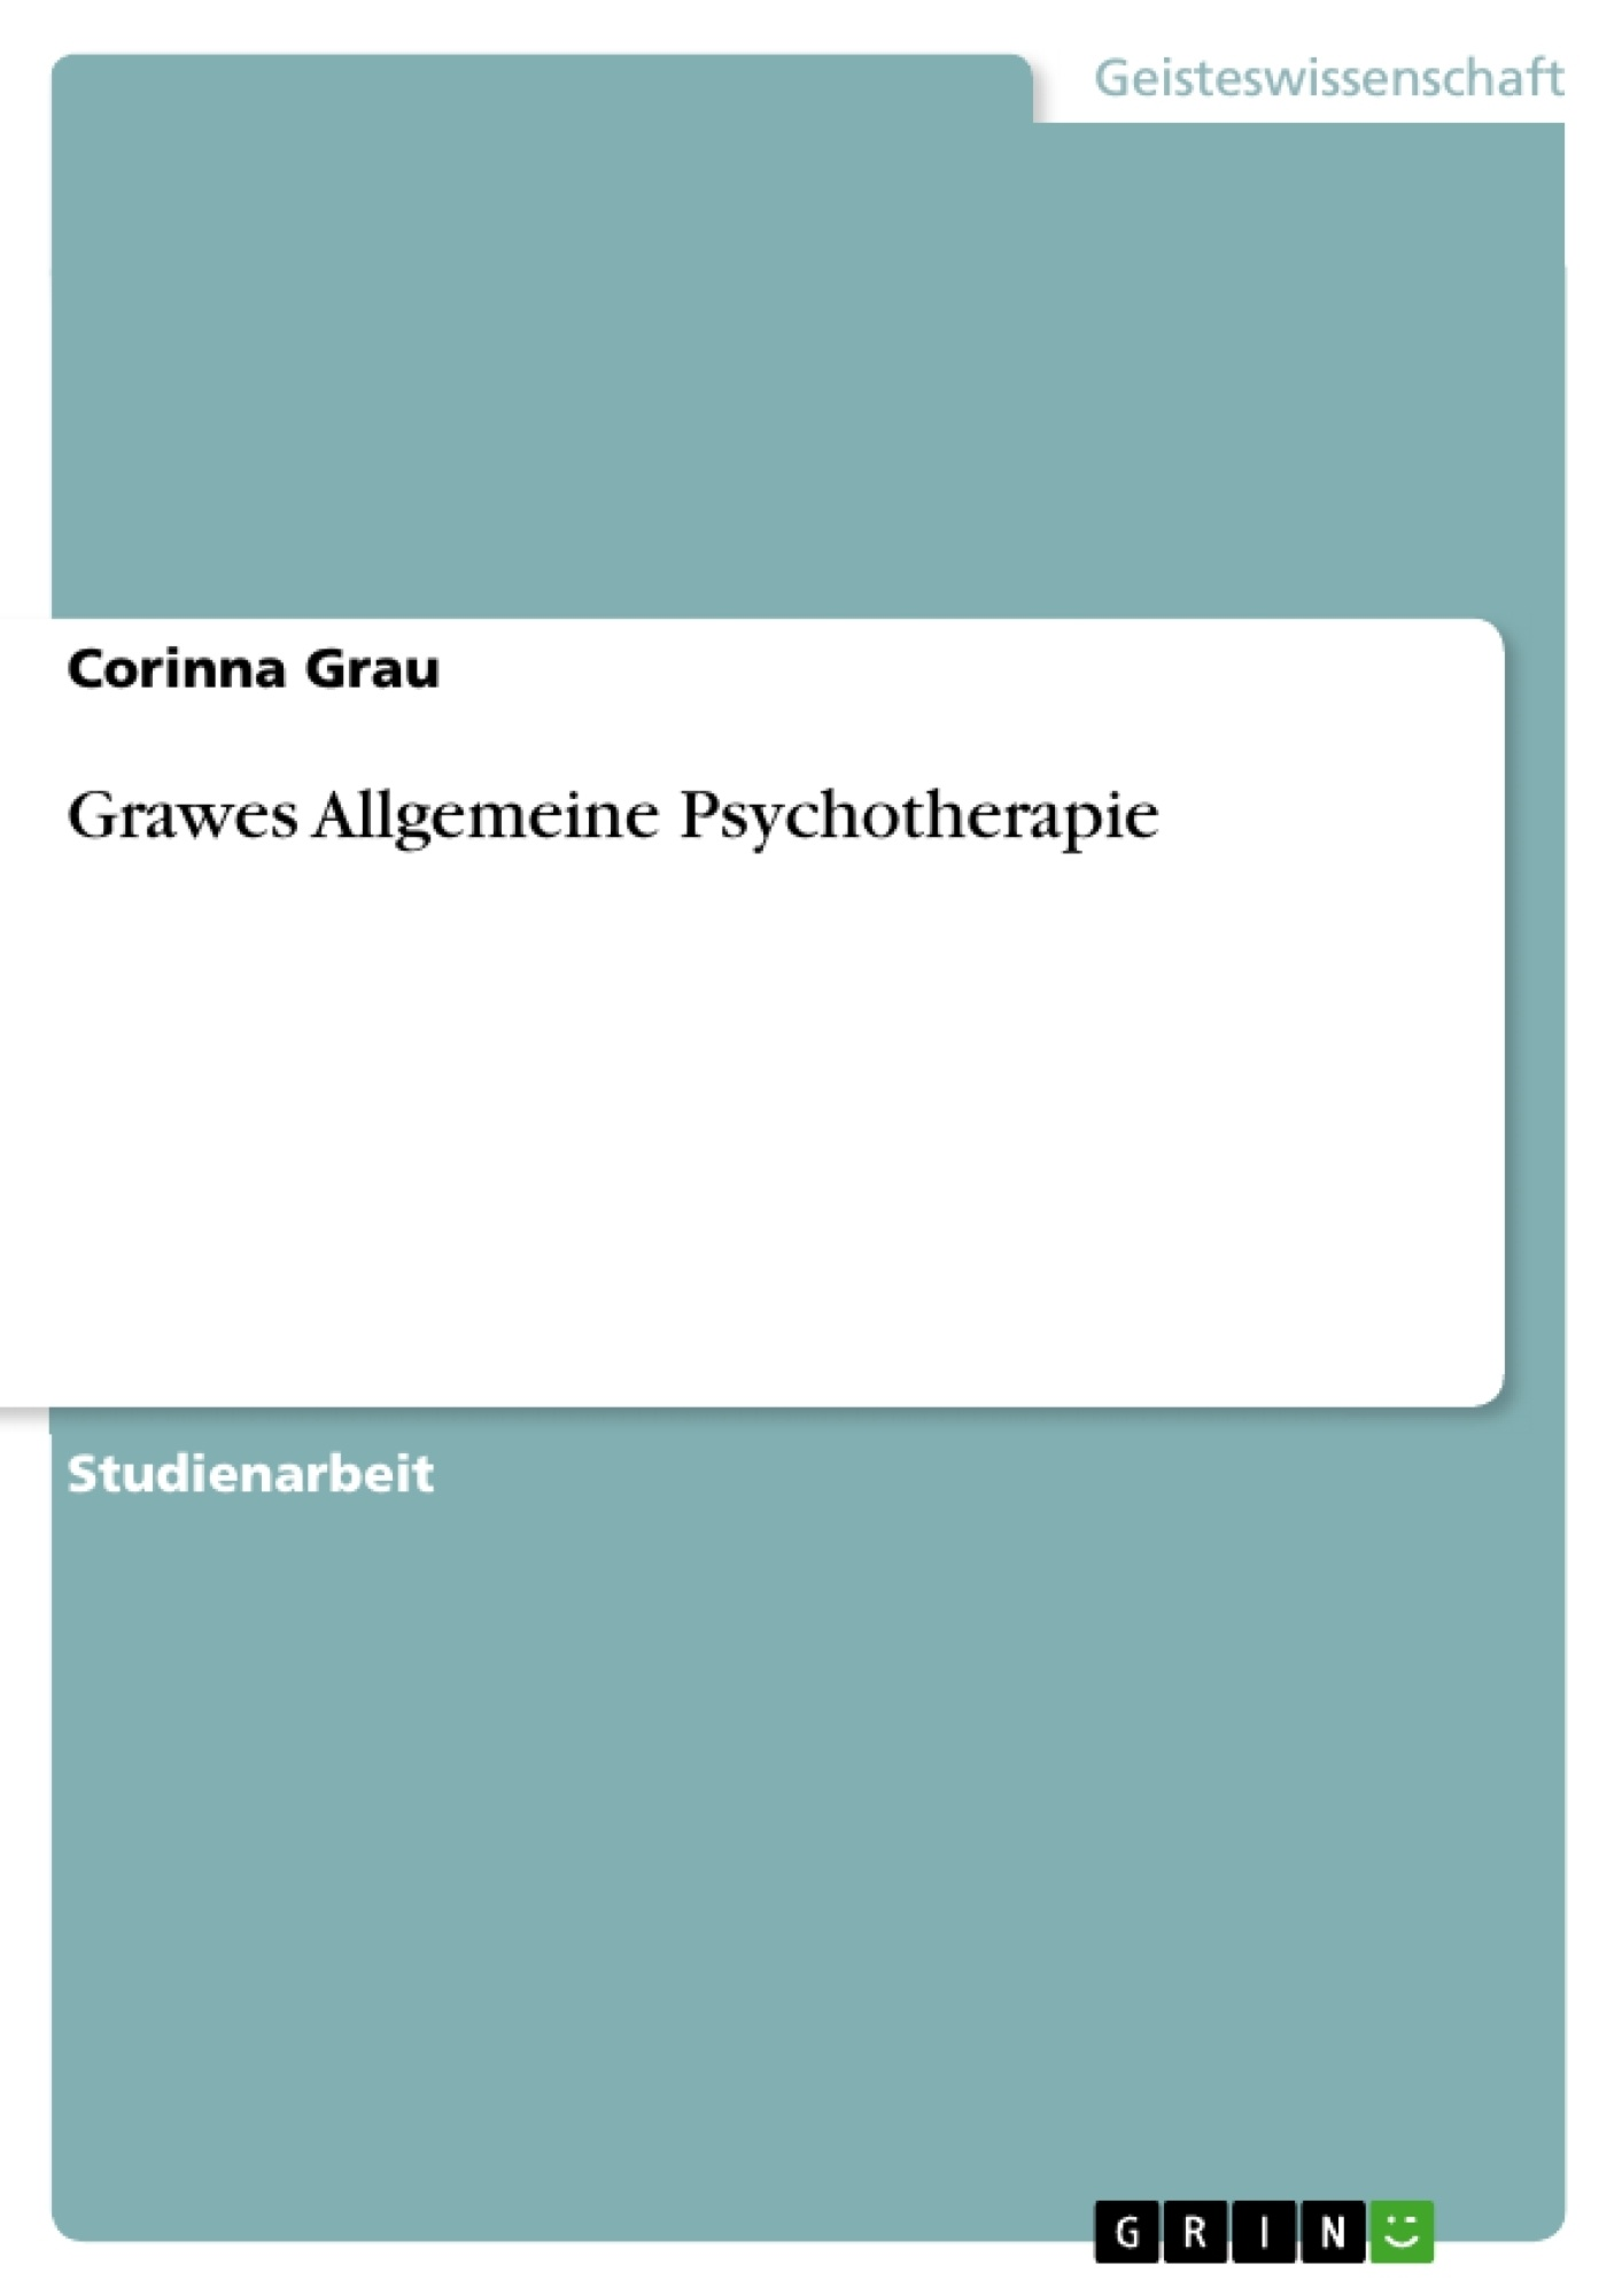 Titel: Grawes Allgemeine Psychotherapie